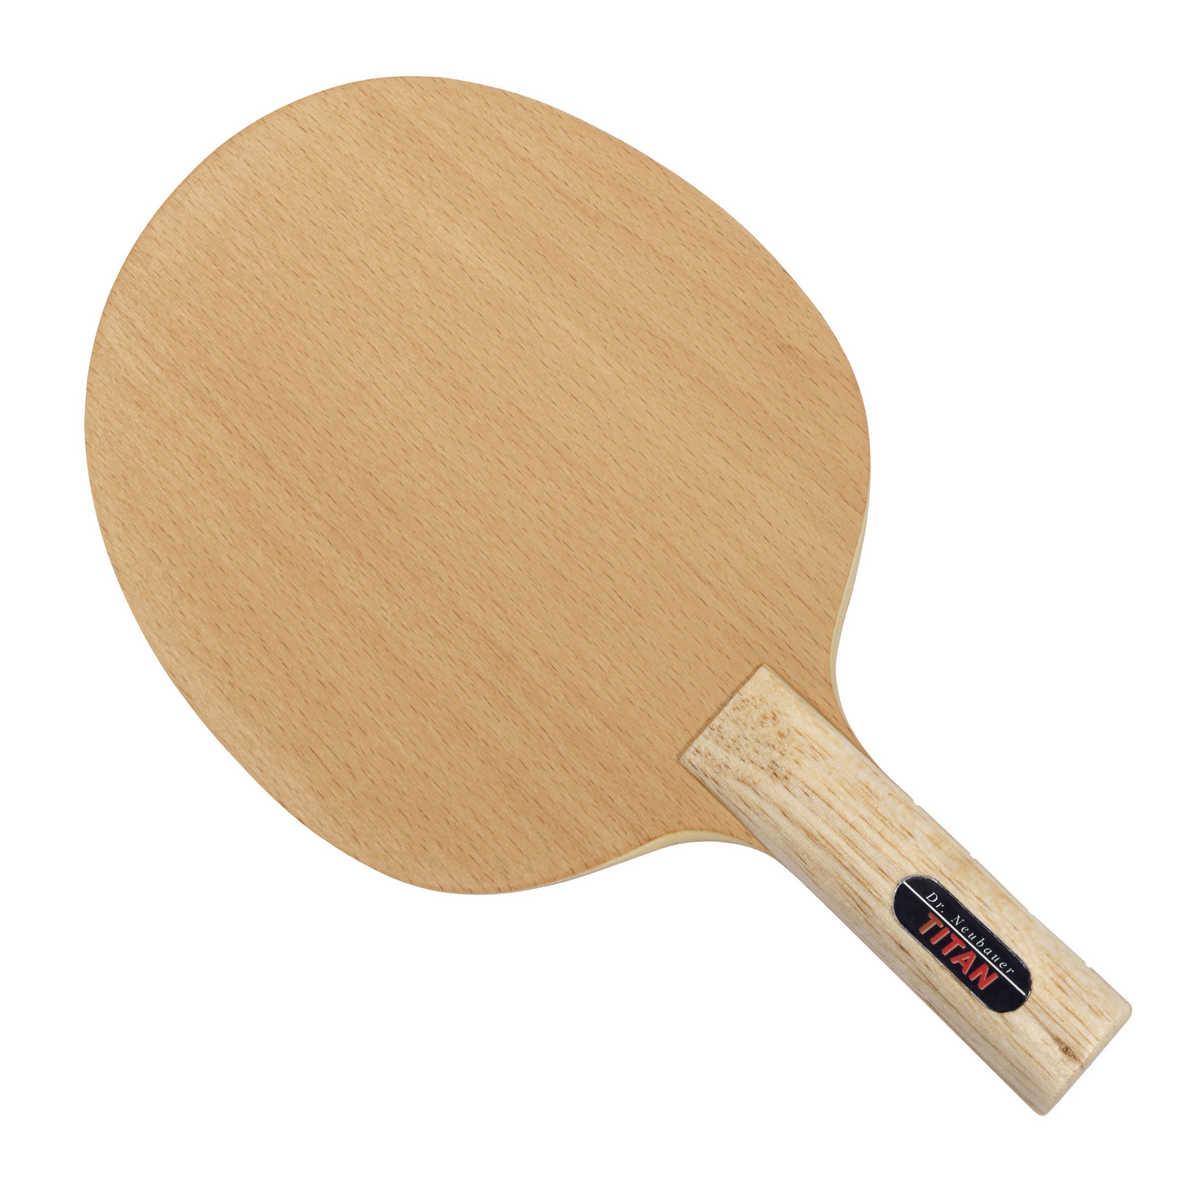 DR NEUBAUER TENNIS DE TABLE  BOIS TITAN  WACK SPORT Les pros du Ping Pong